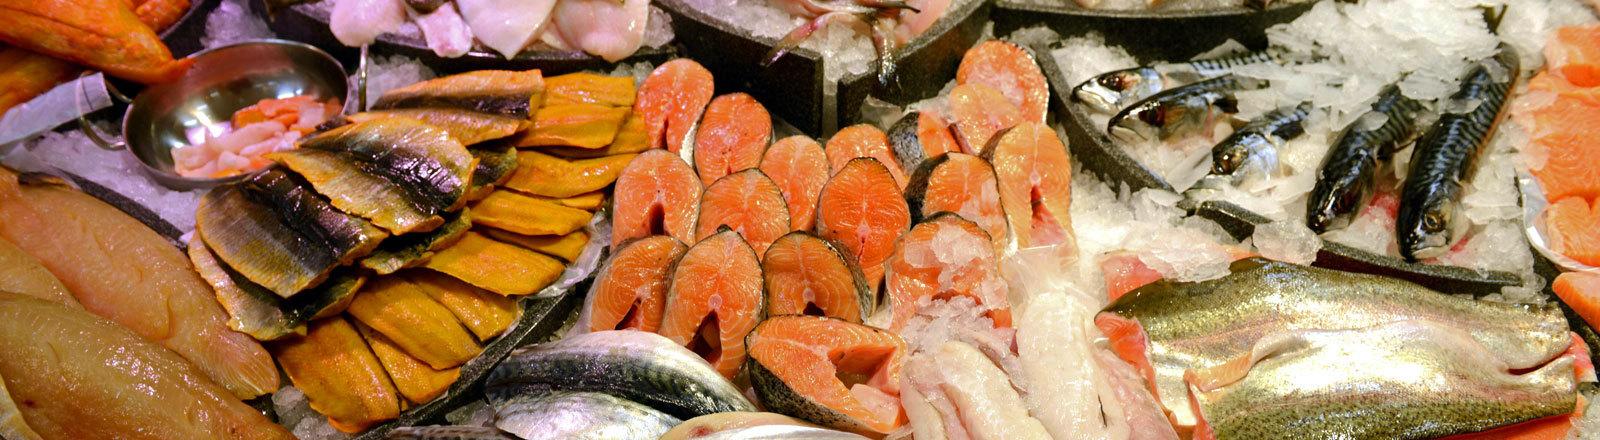 Fische in der Fischtheke eines Supermarktes